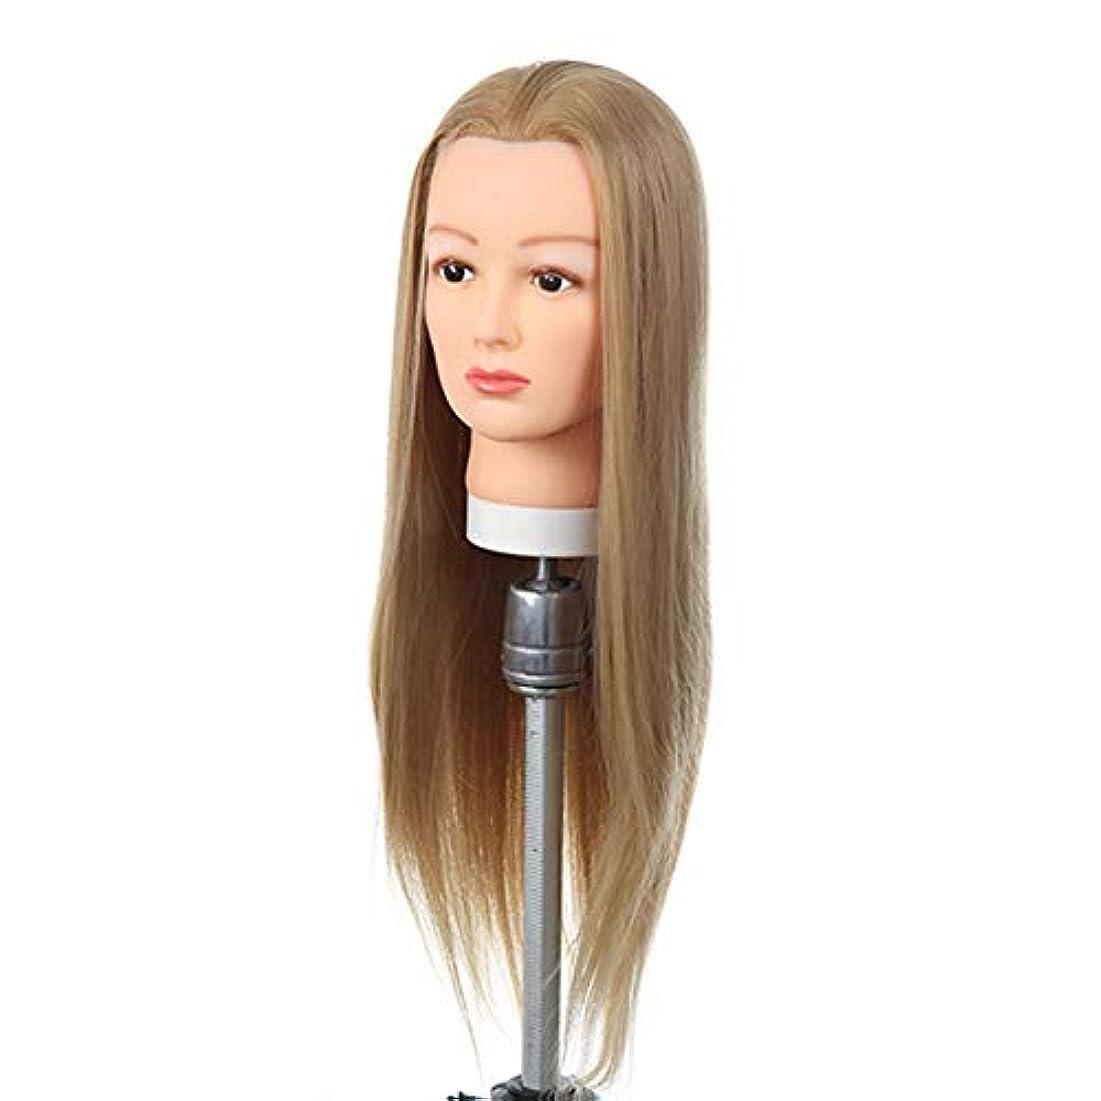 ごちそう漏斗動物高温シルクヘアエクササイズヘッド理髪店トリムヘアトレーニングヘッドブライダルメイクスタイリングヘアモデルダミーヘッド